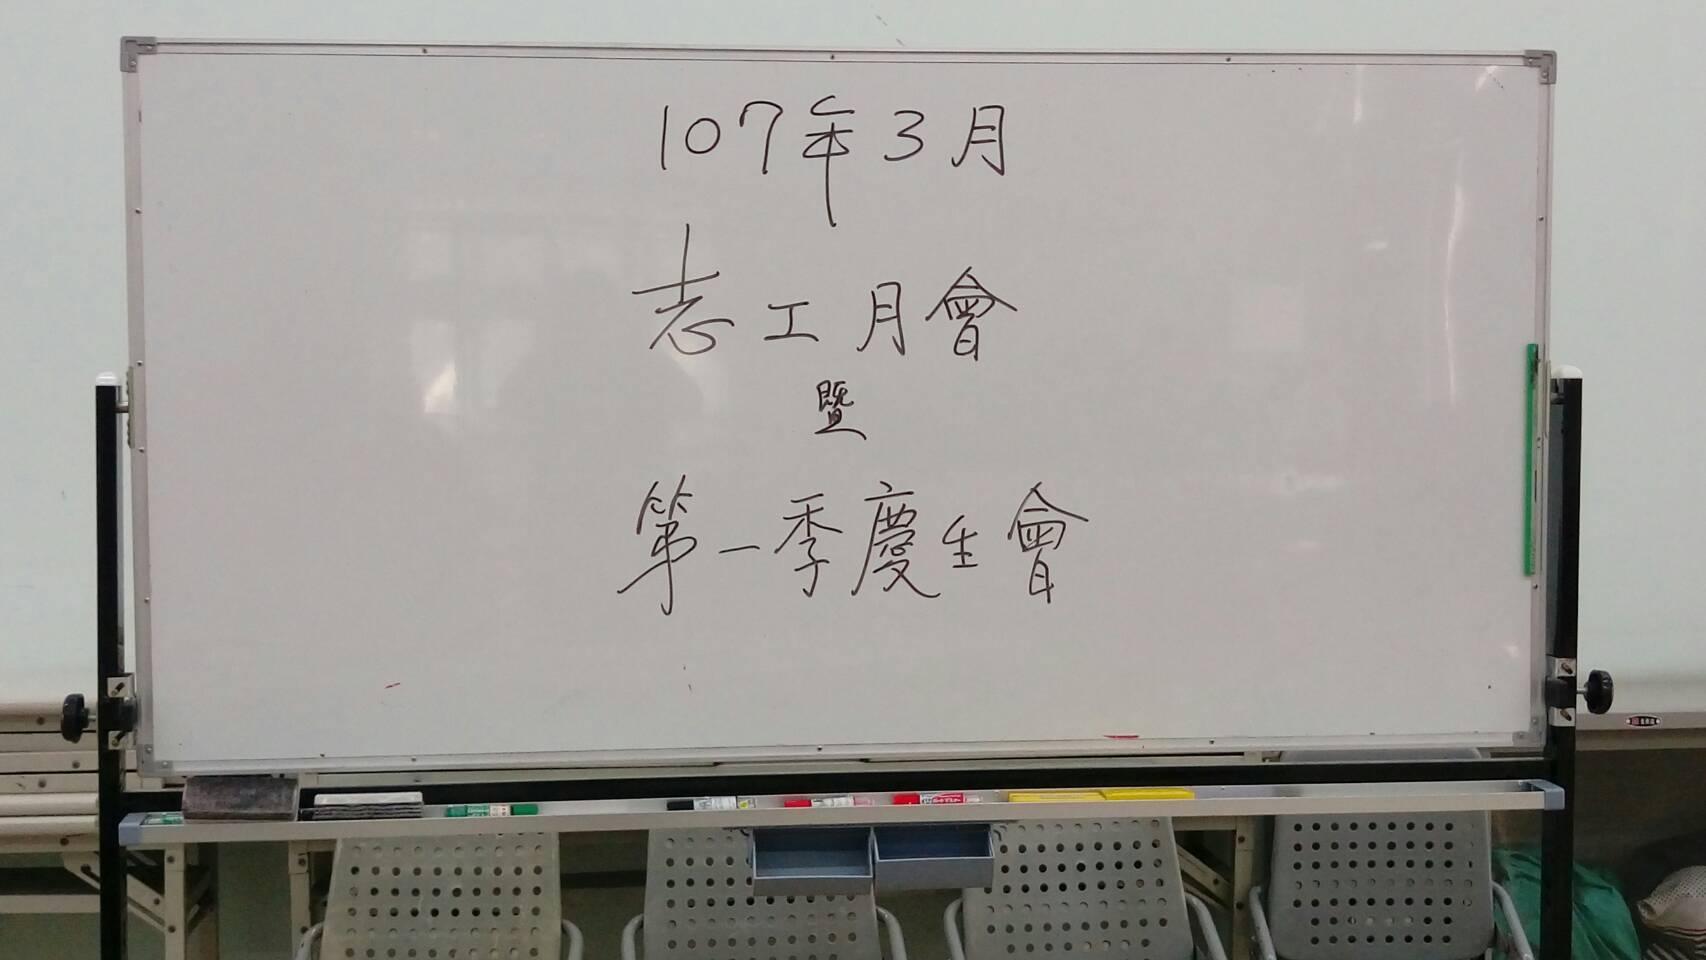 高雄市鳳山老人活動中心107年3月份志工月會暨1~3月份慶生